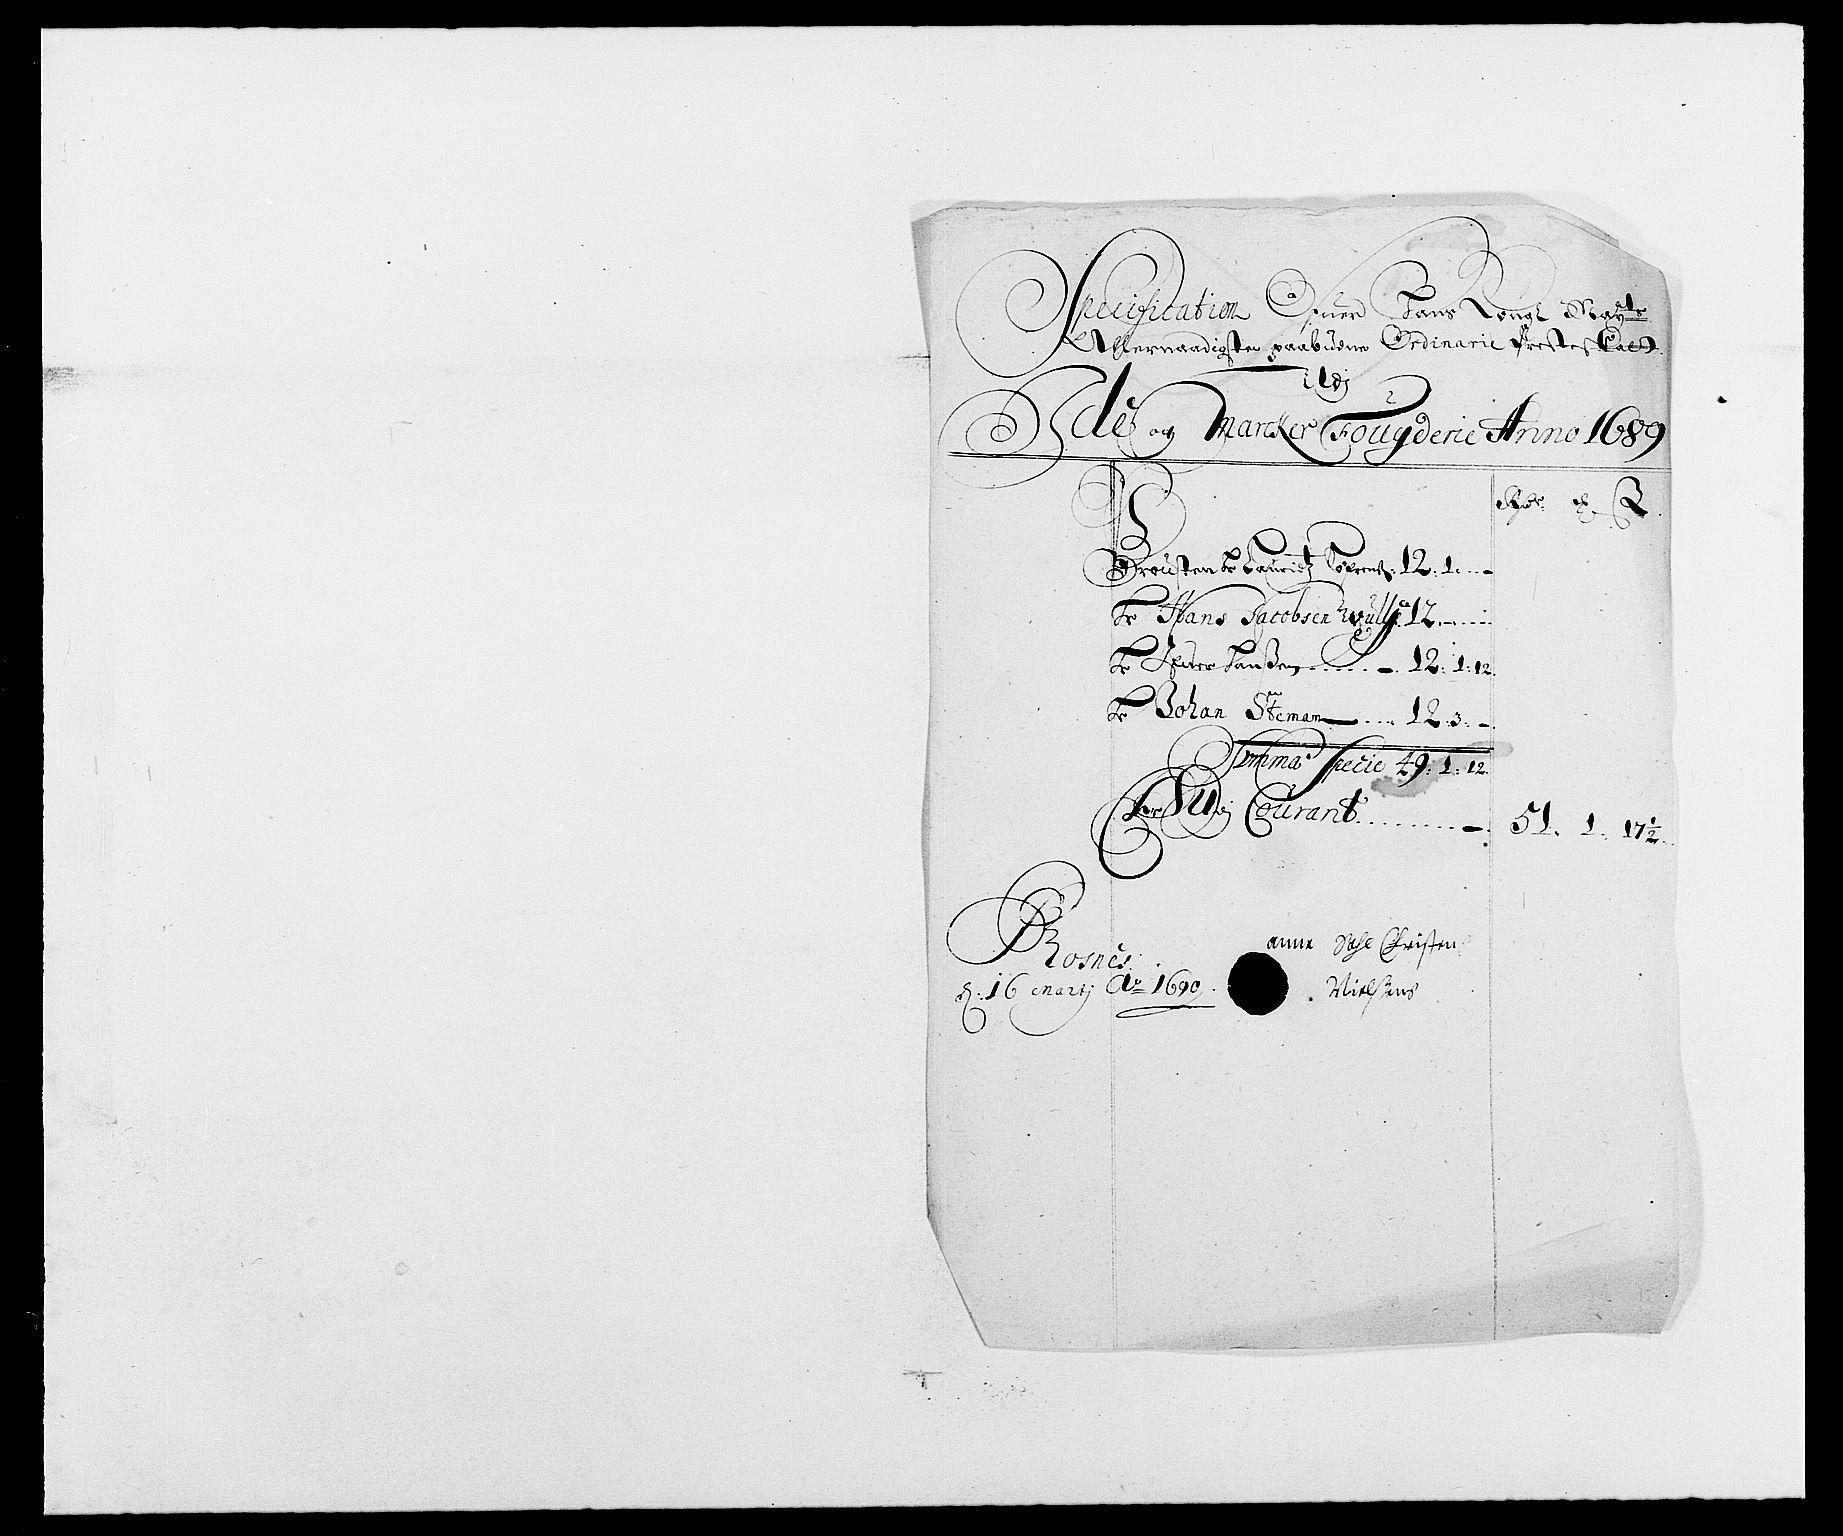 RA, Rentekammeret inntil 1814, Reviderte regnskaper, Fogderegnskap, R01/L0008: Fogderegnskap Idd og Marker, 1689, s. 273